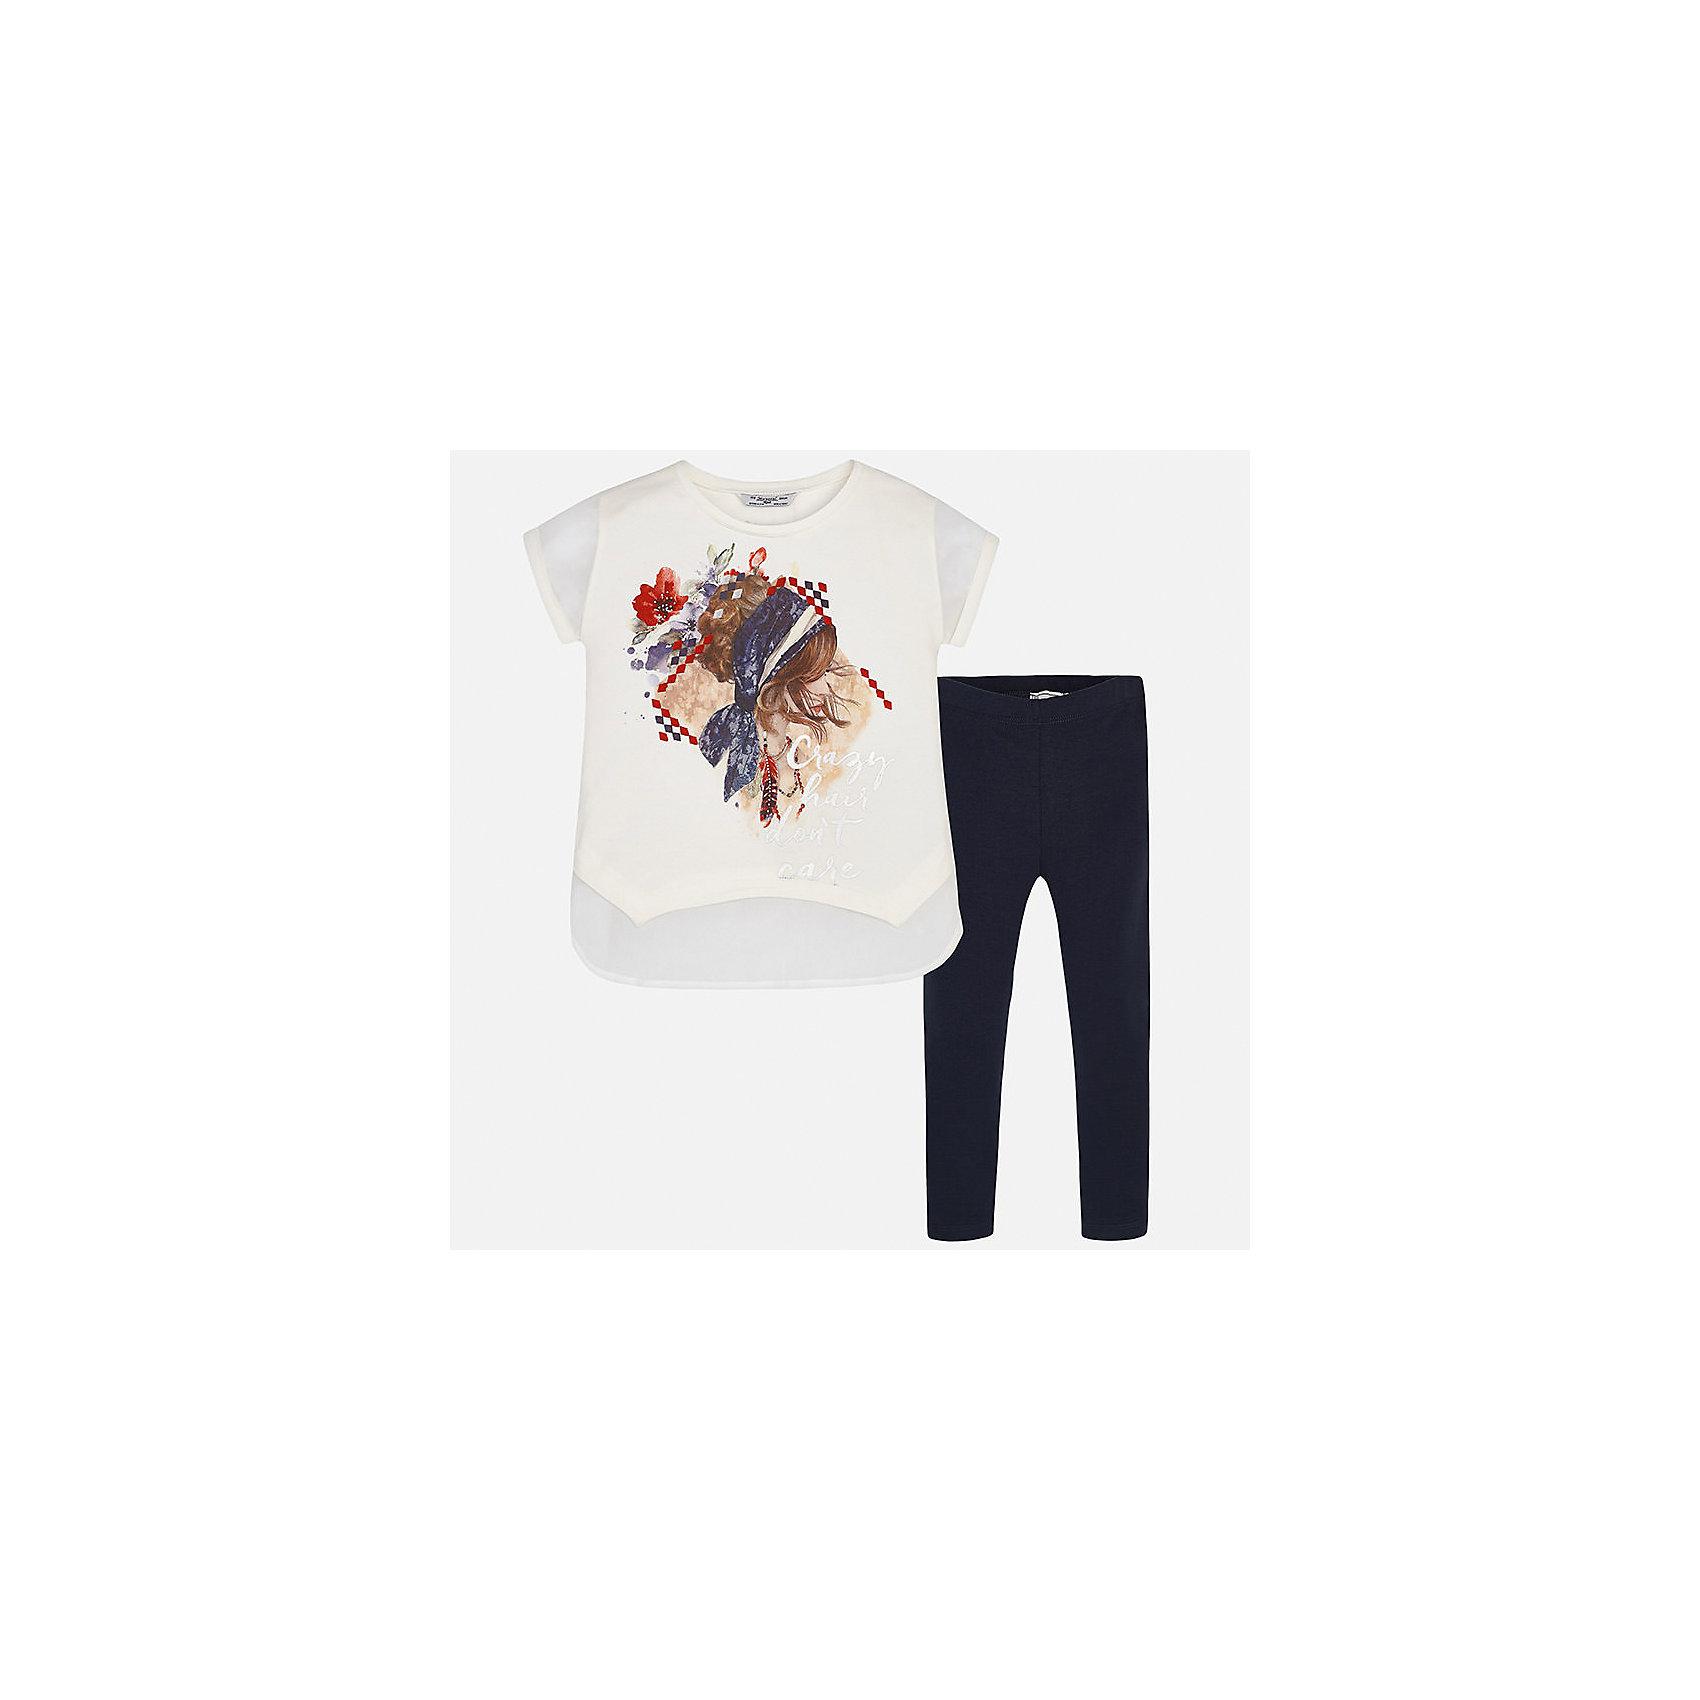 Комплект: футболка с длинным рукавом и леггинсы для девочки MayoralКомплекты<br>Характеристики товара:<br><br>• цвет: белый/темно-синий<br>• состав: 95% хлопок, 5% эластан<br>• комплектация: футболка, леггинсы<br>• футболка декорирована принтом <br>• леггинсы однотонные<br>• пояс на резинке<br>• страна бренда: Испания<br><br>Красивый качественный комплект для девочки поможет разнообразить гардероб ребенка и удобно одеться в теплую погоду. Он отлично сочетается с другими предметами. Универсальный цвет позволяет подобрать к вещам верхнюю одежду практически любой расцветки. Интересная отделка модели делает её нарядной и оригинальной. В составе материала - натуральный хлопок, гипоаллергенный, приятный на ощупь, дышащий.<br><br>Одежда, обувь и аксессуары от испанского бренда Mayoral полюбились детям и взрослым по всему миру. Модели этой марки - стильные и удобные. Для их производства используются только безопасные, качественные материалы и фурнитура. Порадуйте ребенка модными и красивыми вещами от Mayoral! <br><br>Комплект для девочки от испанского бренда Mayoral (Майорал) можно купить в нашем интернет-магазине.<br><br>Ширина мм: 123<br>Глубина мм: 10<br>Высота мм: 149<br>Вес г: 209<br>Цвет: синий<br>Возраст от месяцев: 108<br>Возраст до месяцев: 120<br>Пол: Женский<br>Возраст: Детский<br>Размер: 140,152,158,128/134,164<br>SKU: 5300908